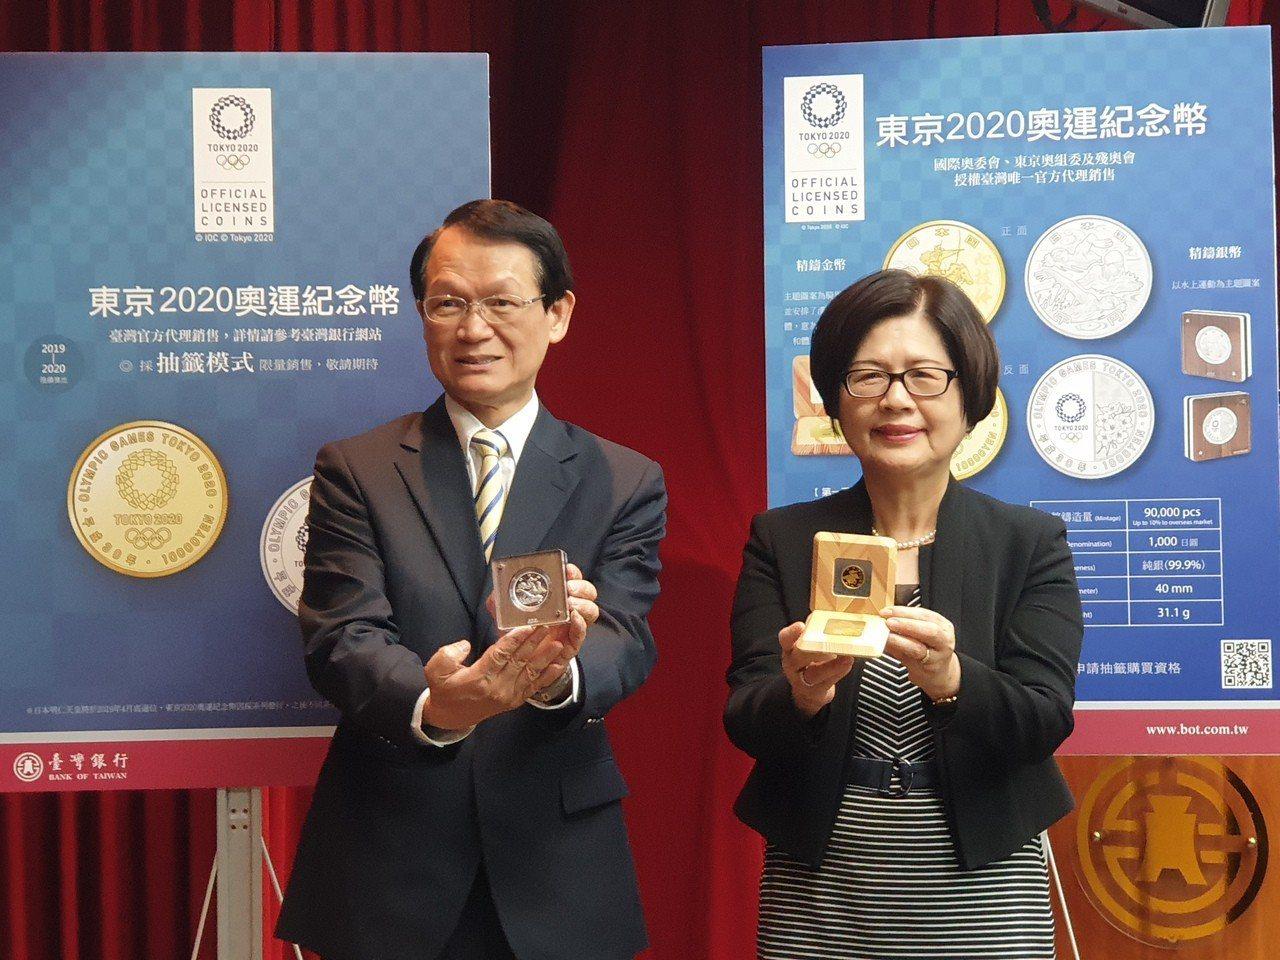 台灣銀行今(22)日舉行東京奧運金銀幣抽籤儀式,右為台銀總經理邱月琴。記者陳美君...